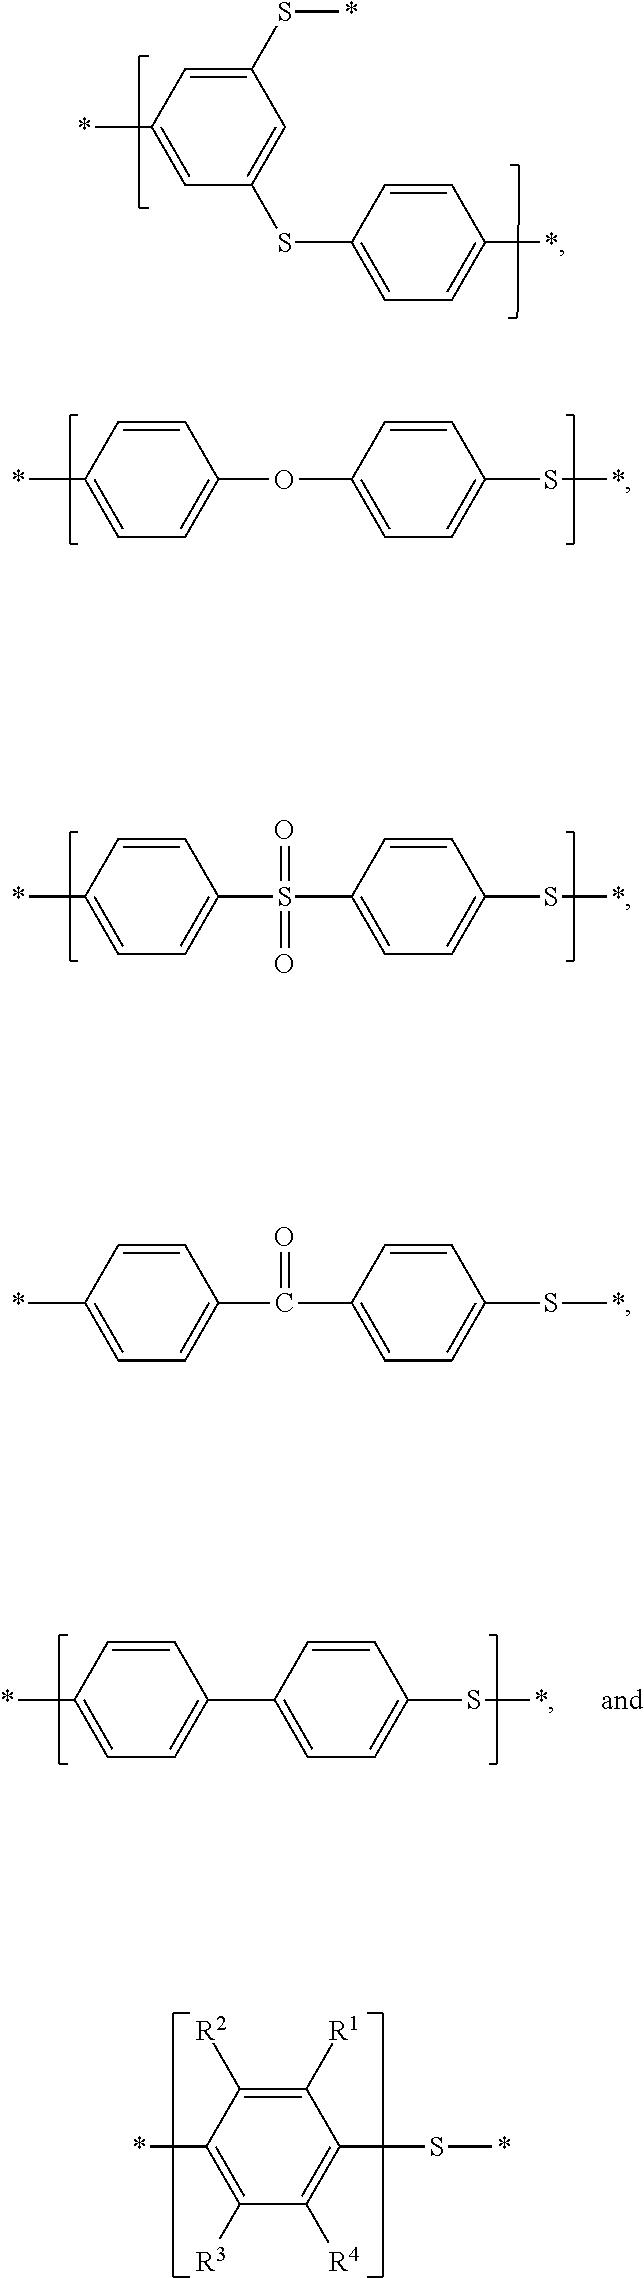 Figure US20110152471A1-20110623-C00030